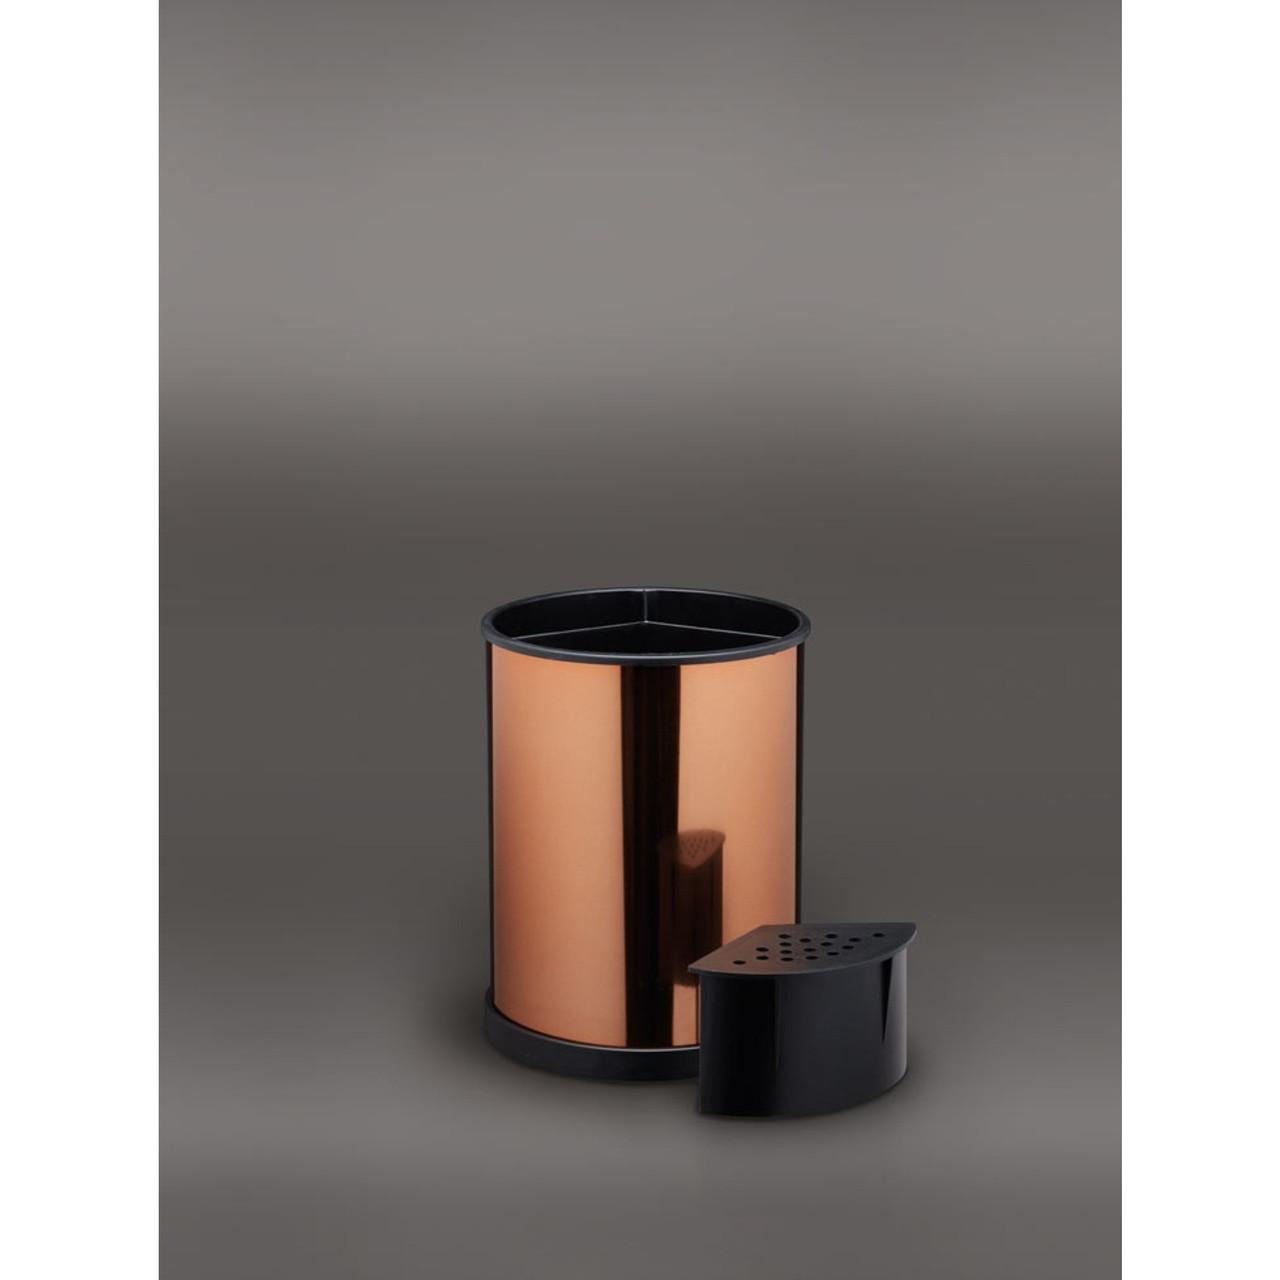 Copper Rotating Utensil Holder